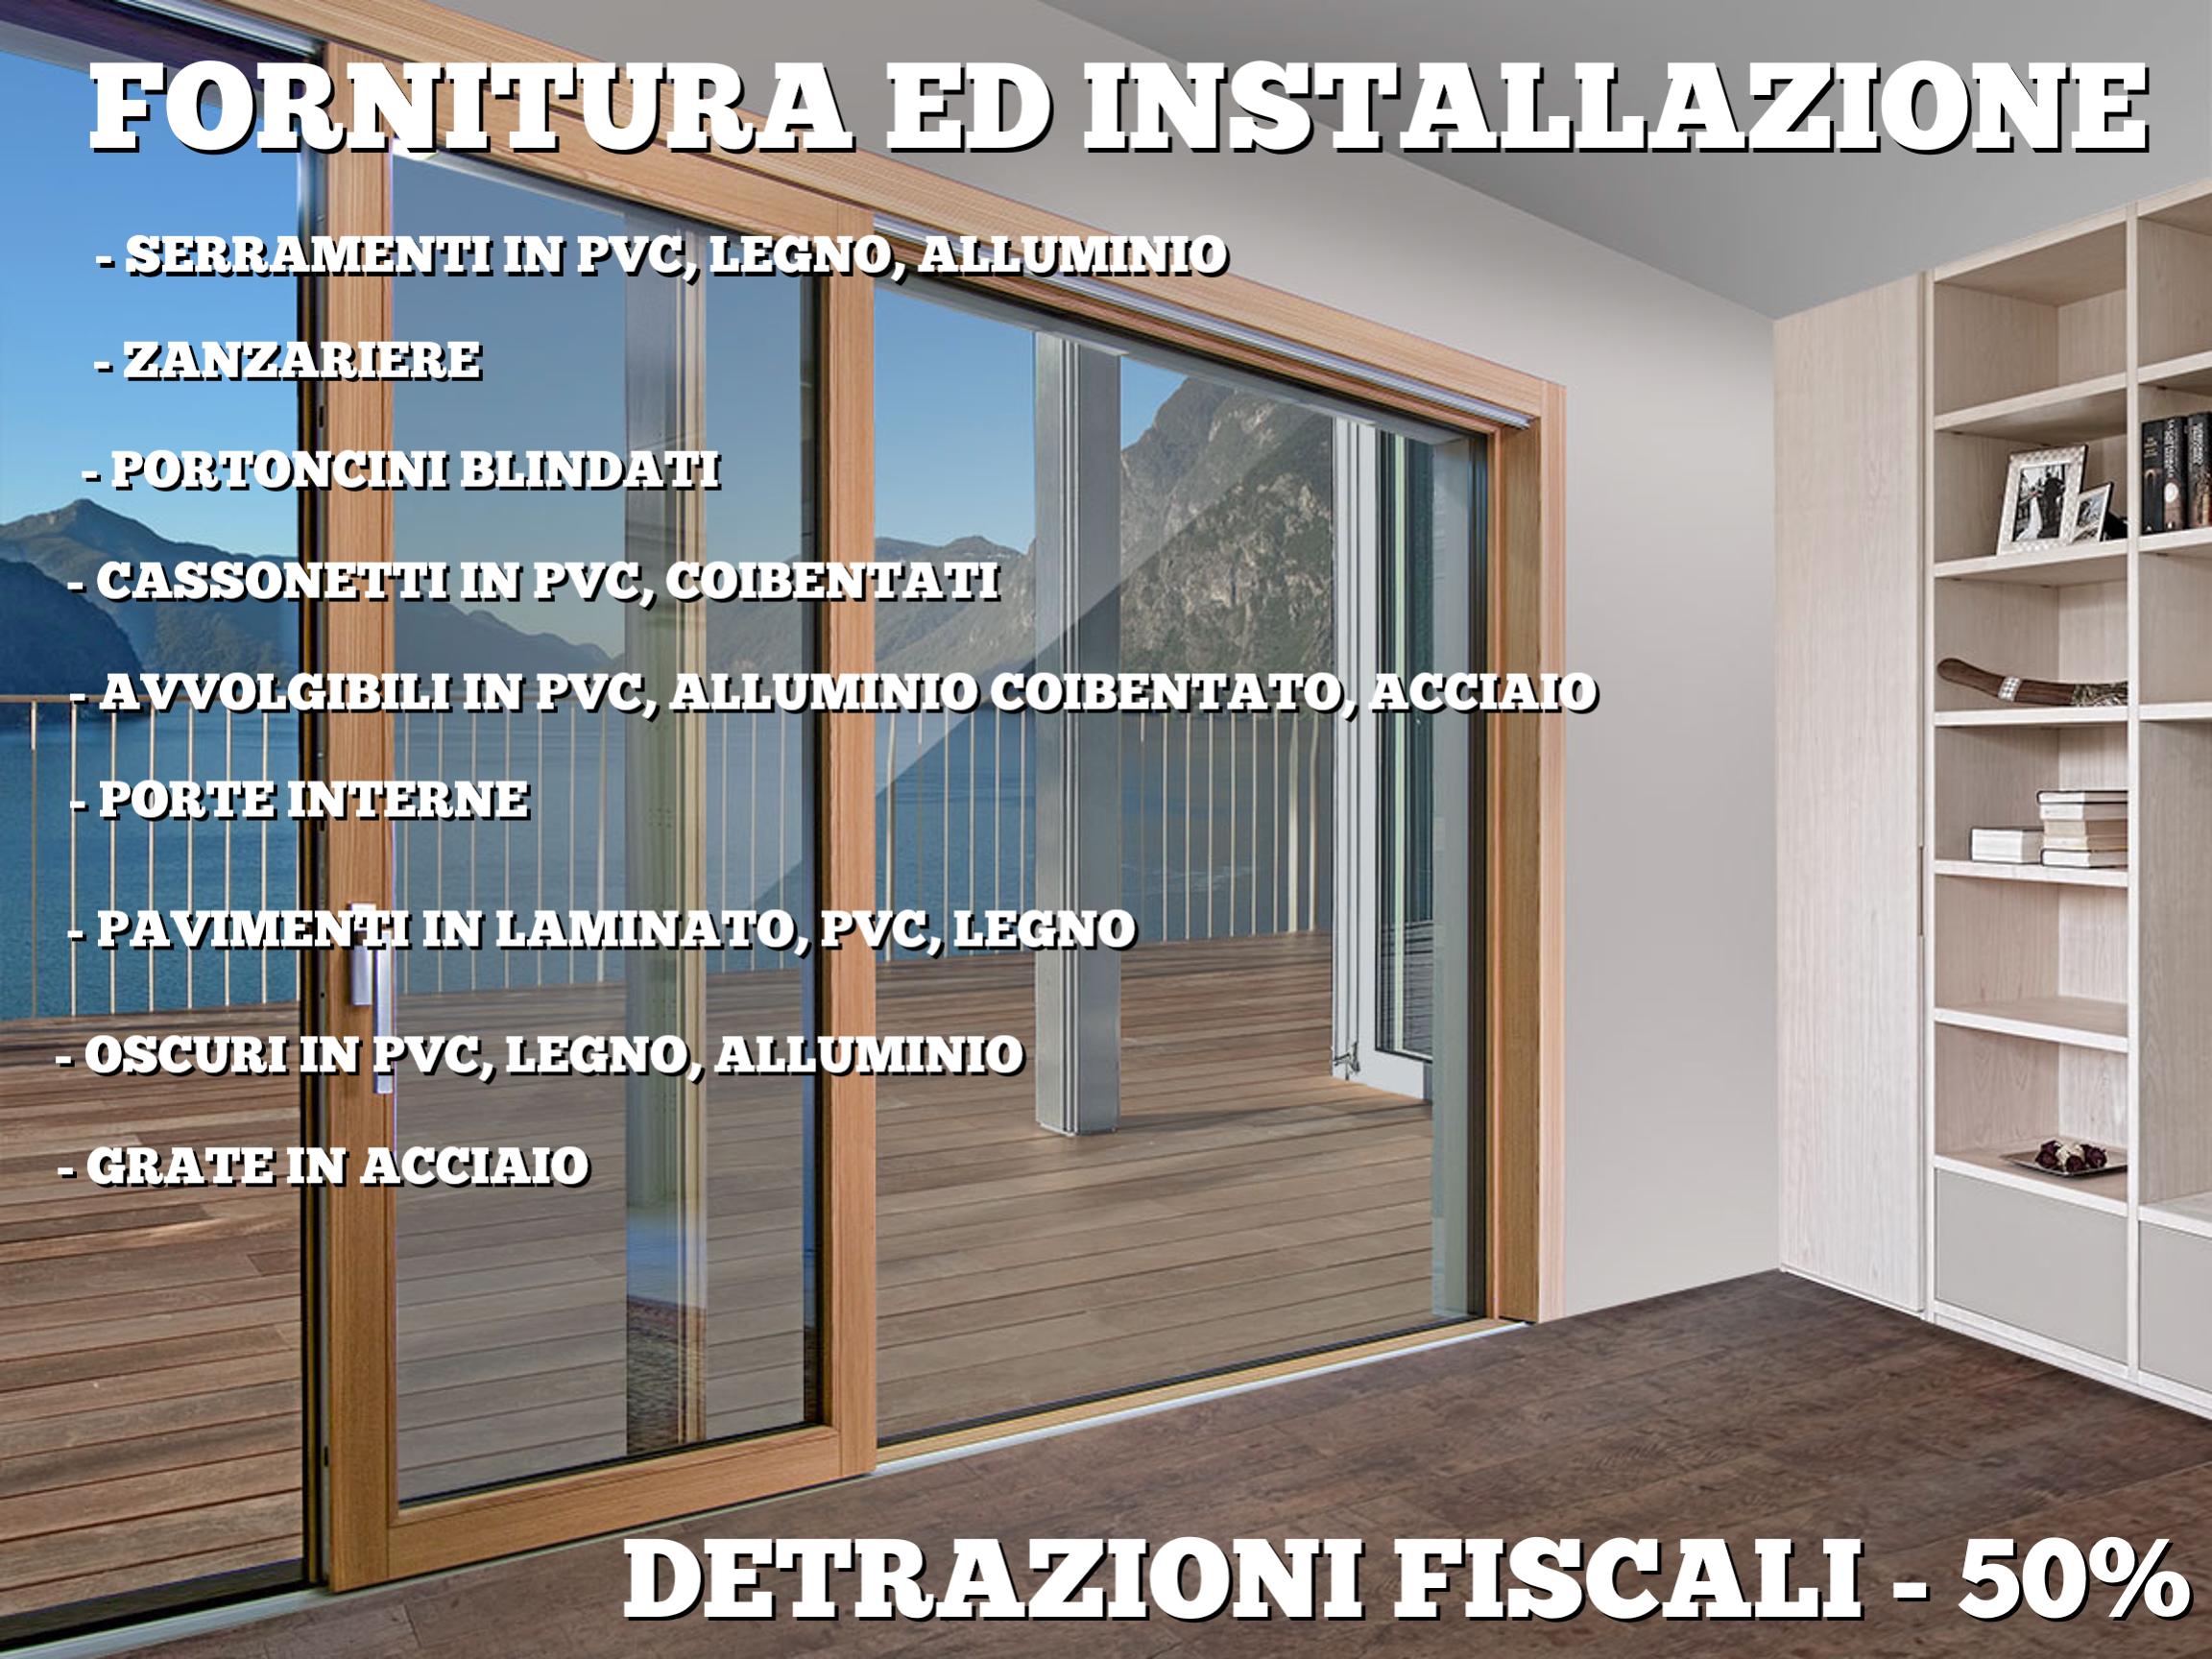 Installazione e manutenzione di infissi in legno-alluminio a Mestre. Rivolgiti a FORTIT SERRAMENTI tel 041 2434708 cell 392 0814256 - 329 3241786